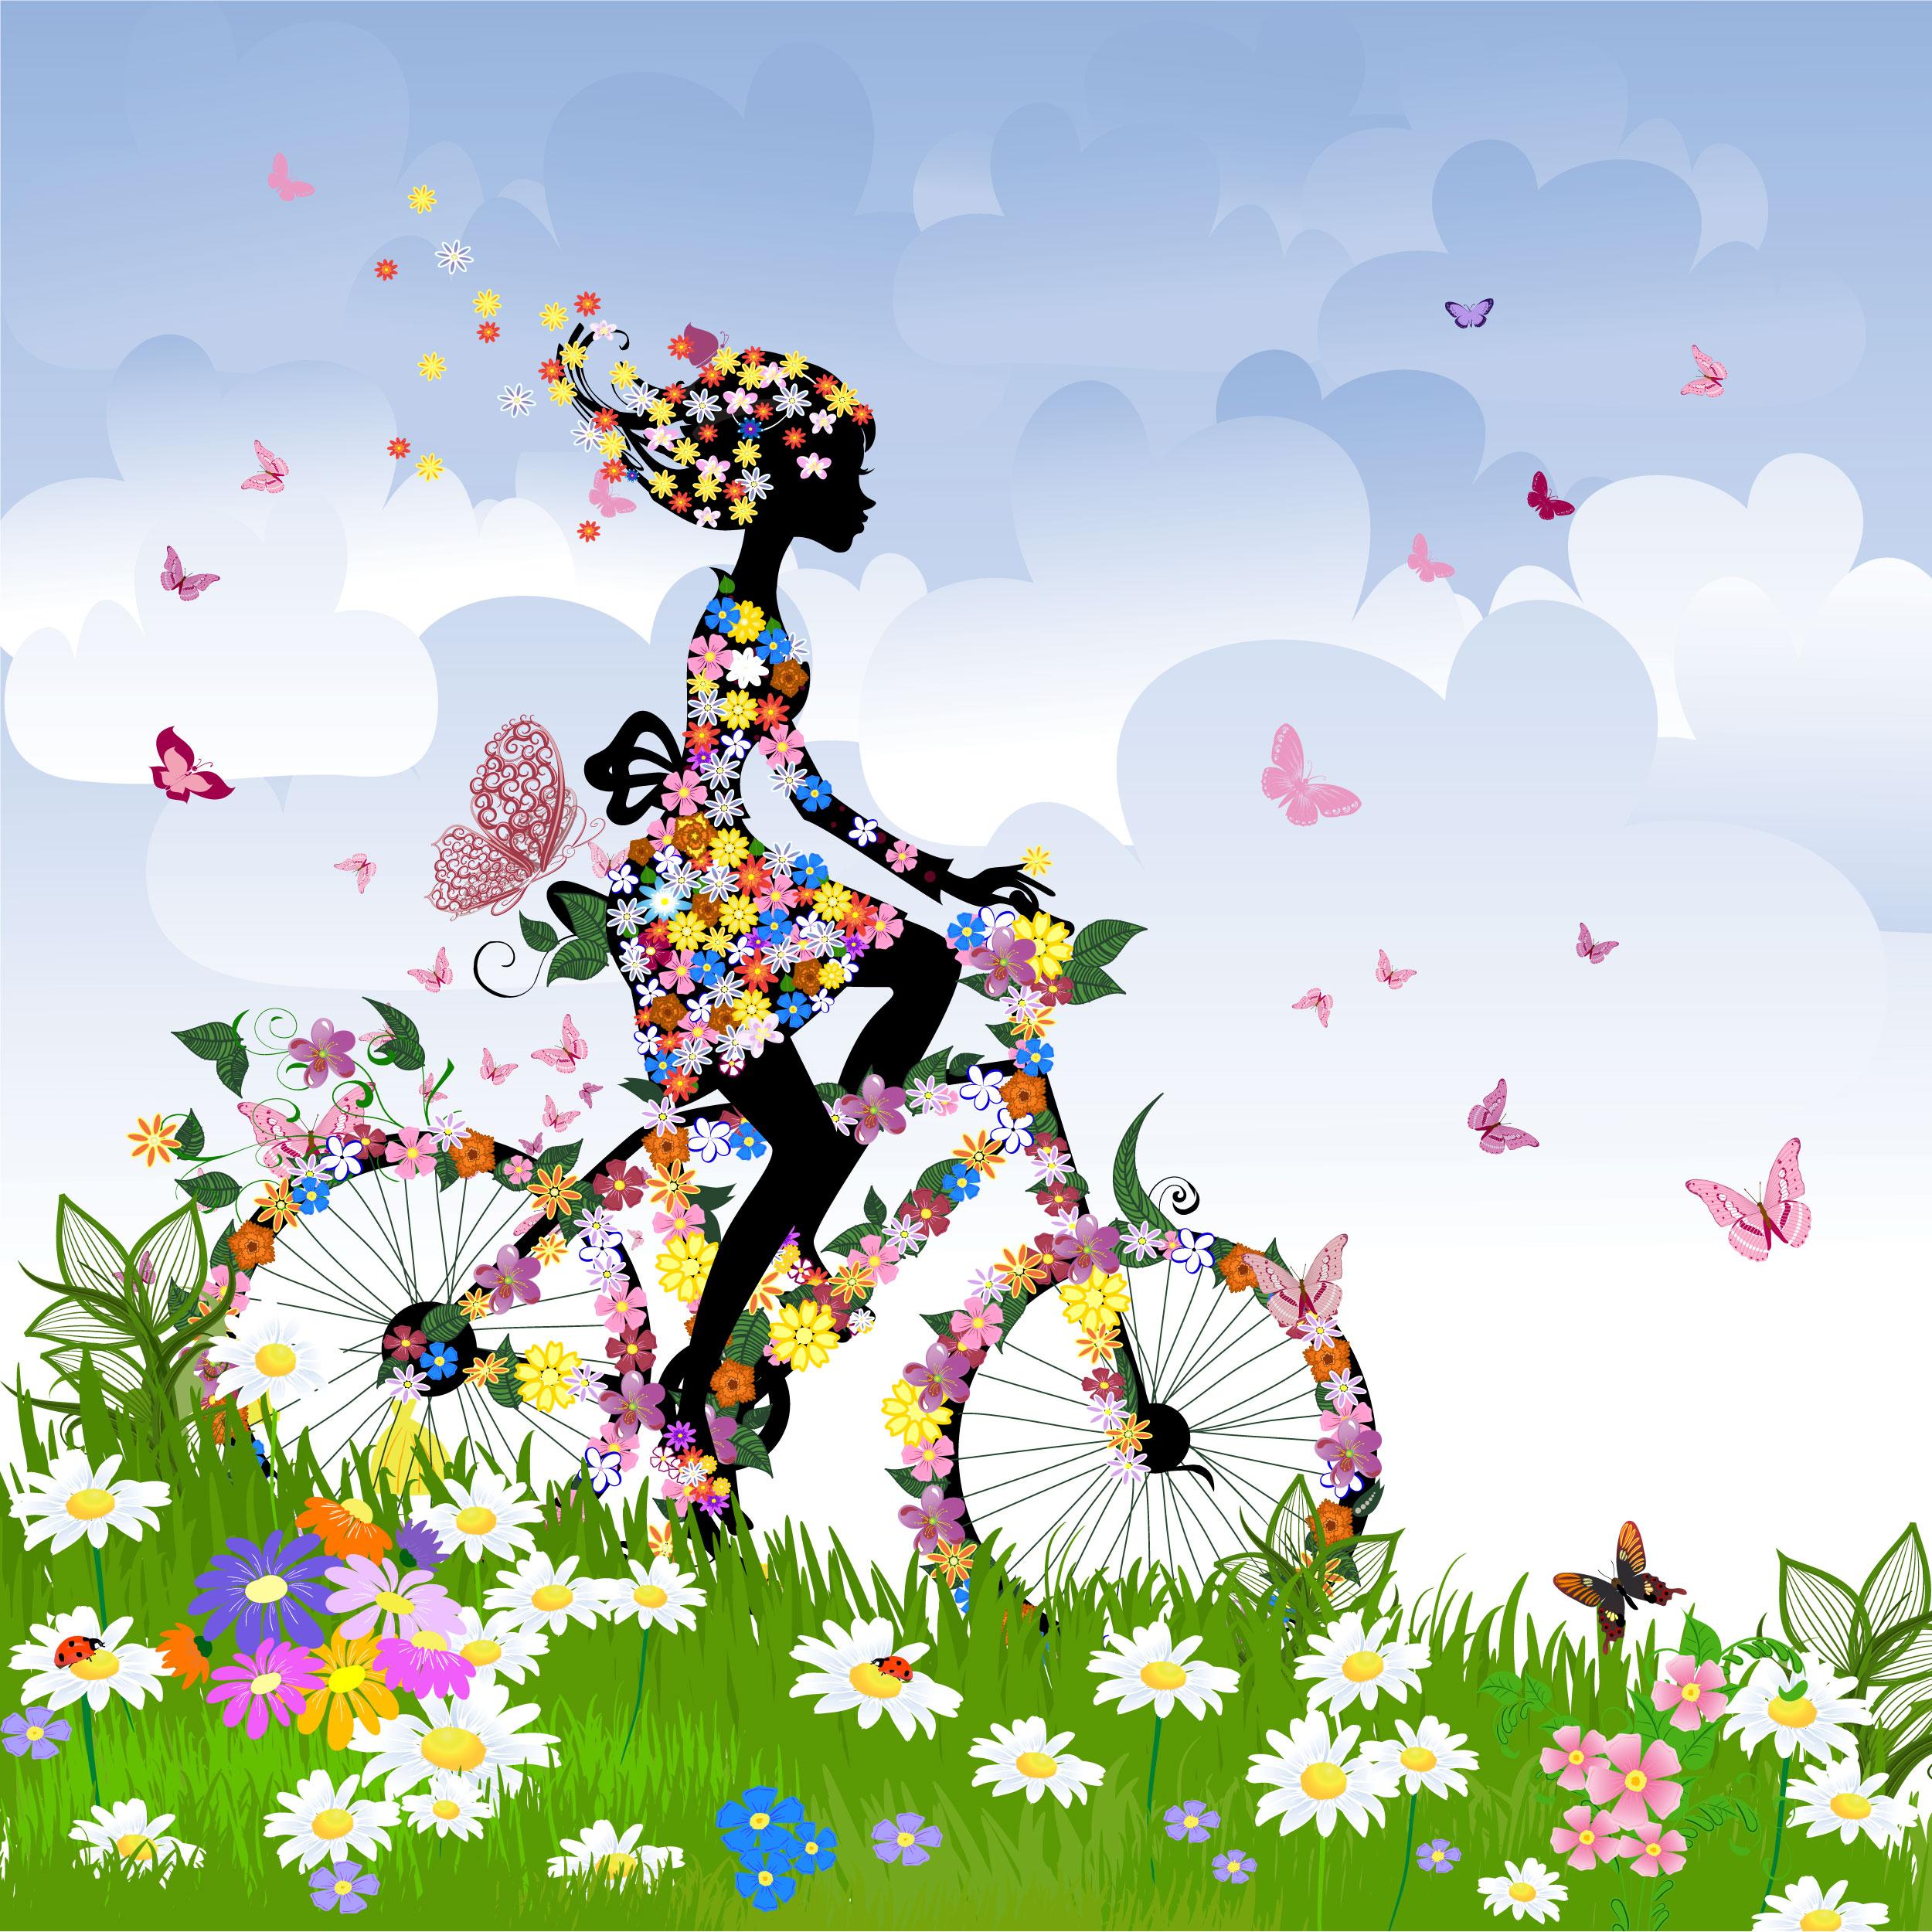 自転車の 自転車 素材 イラスト フリー : Spring Flowers Butterfly Cartoon